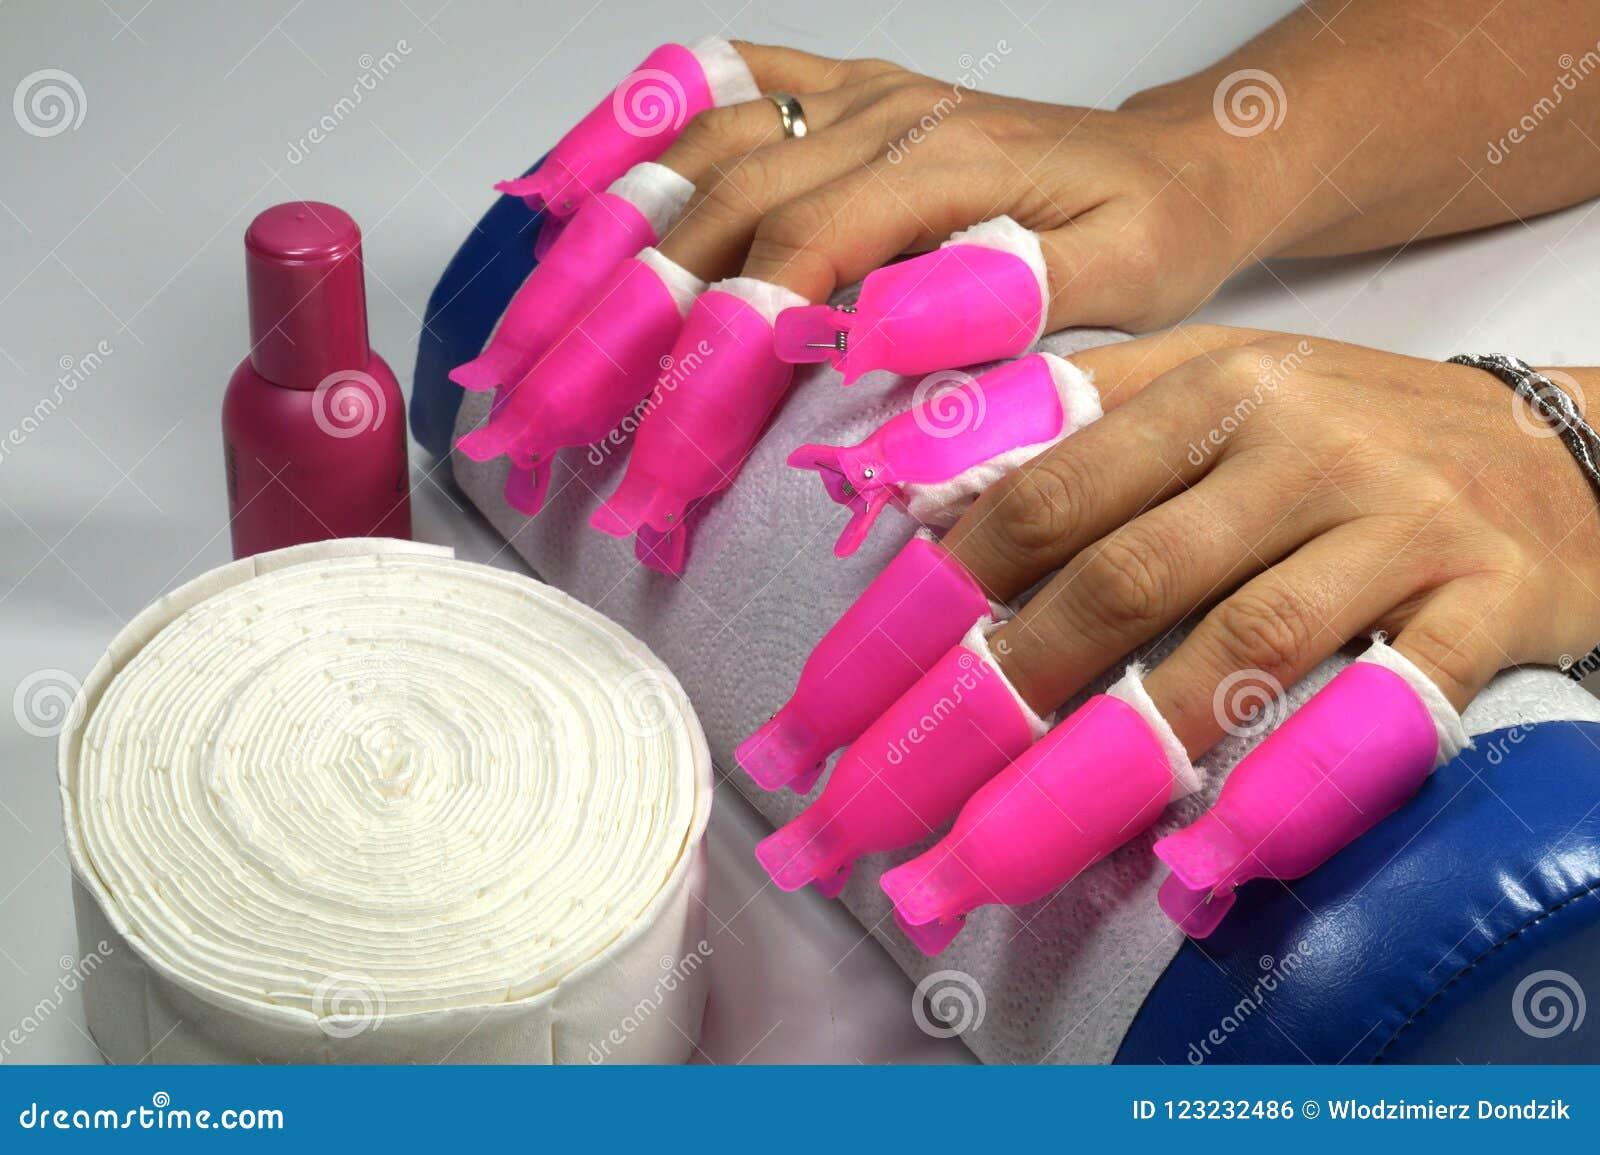 Intens schittert de roze klemmen voor de verwijdering van spijker acryl,